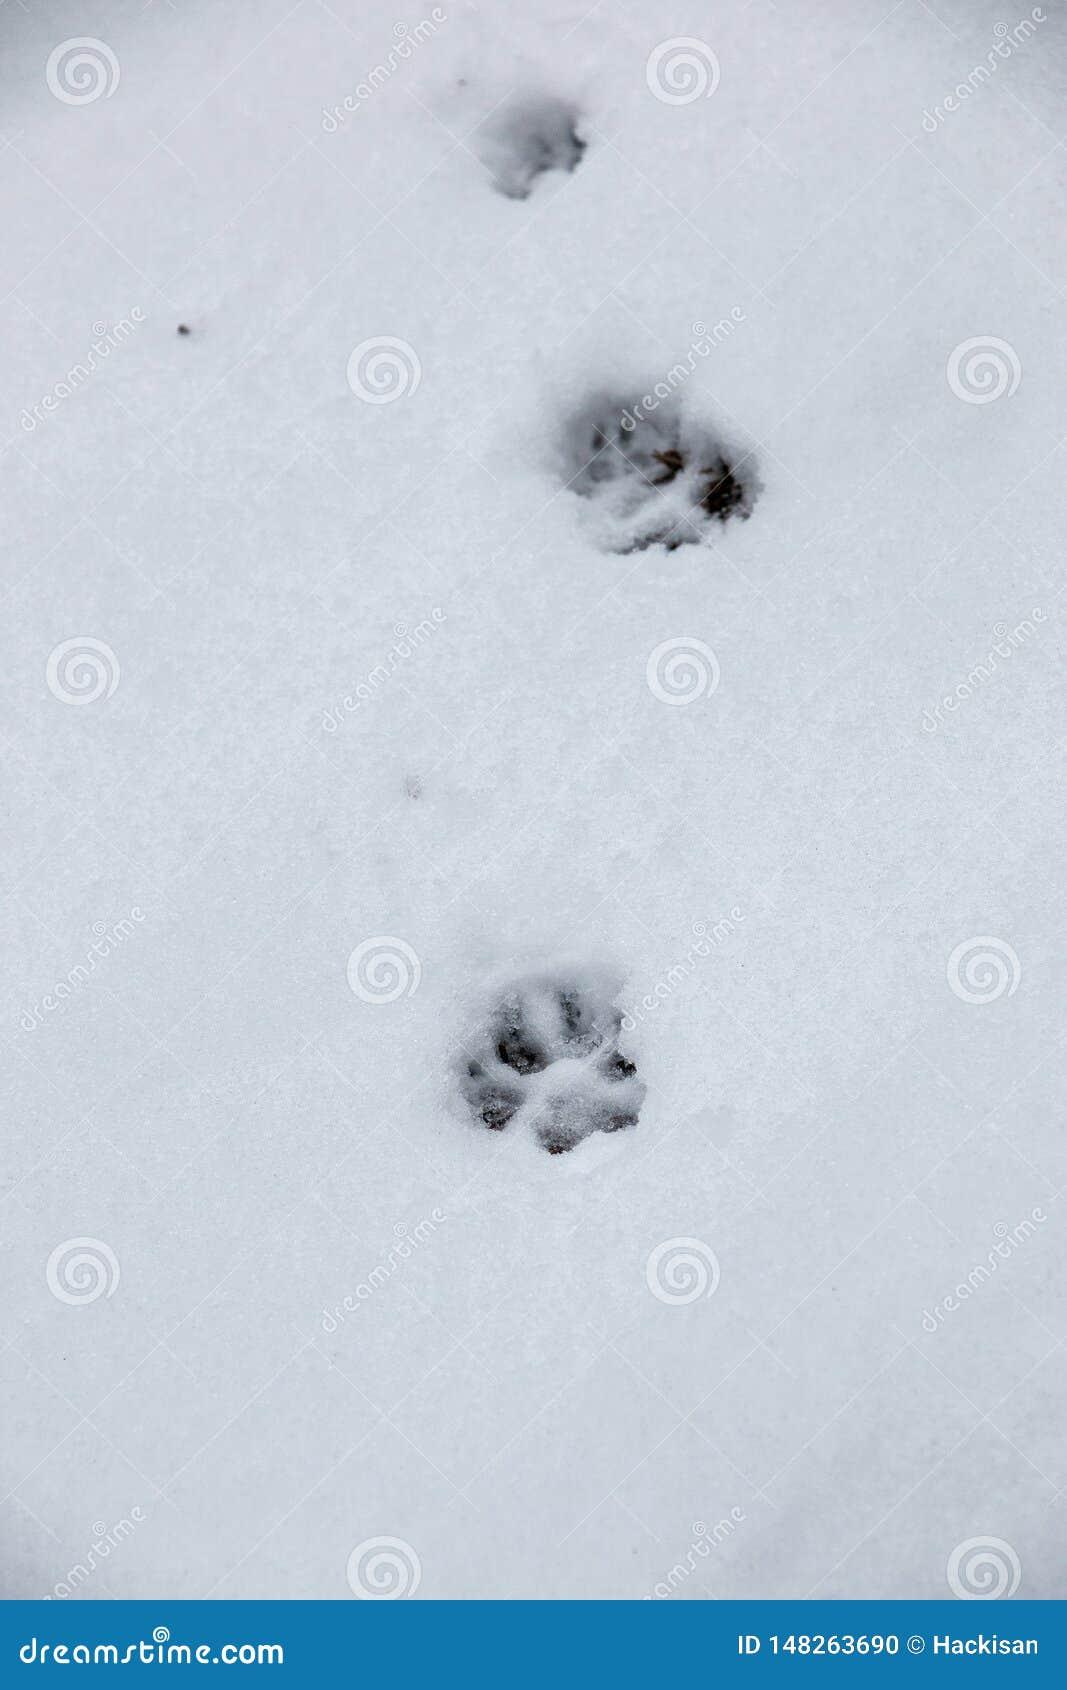 Copie de pied d un chien ou d un loup sur la neige blanche